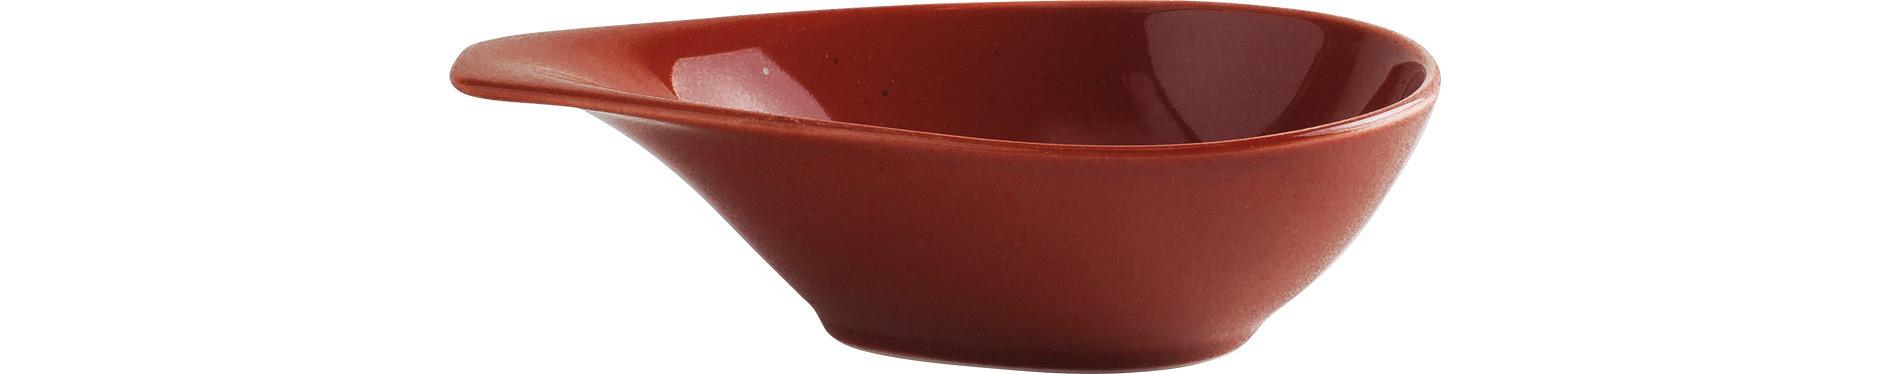 Homestyle, Schale mit Griff 178 x 127 mm / 0,25 l siena red